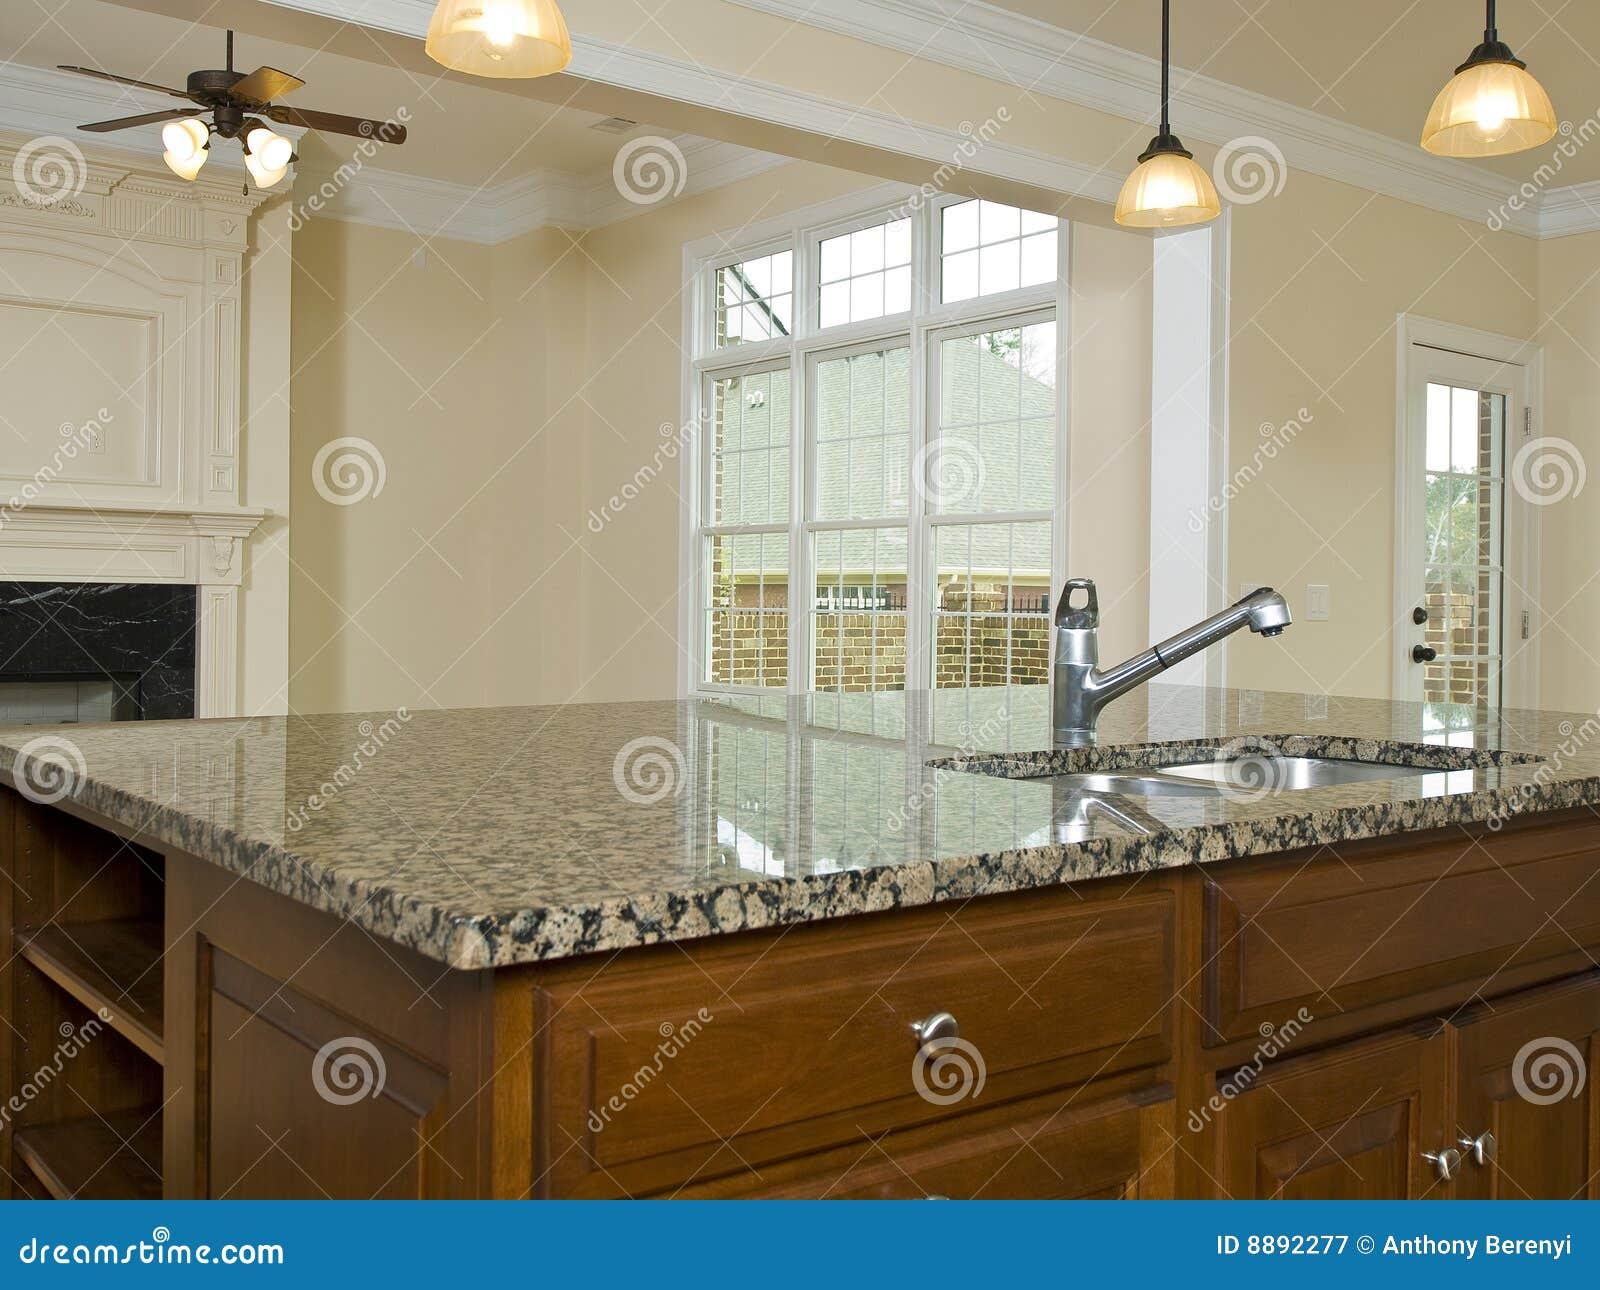 #86AB20 Bancada Home Luxuosa Do Console Do Granito Da Cozinha Fotografia de  1300x1065 px Melhoria Home Da Cozinha_10 Imagens